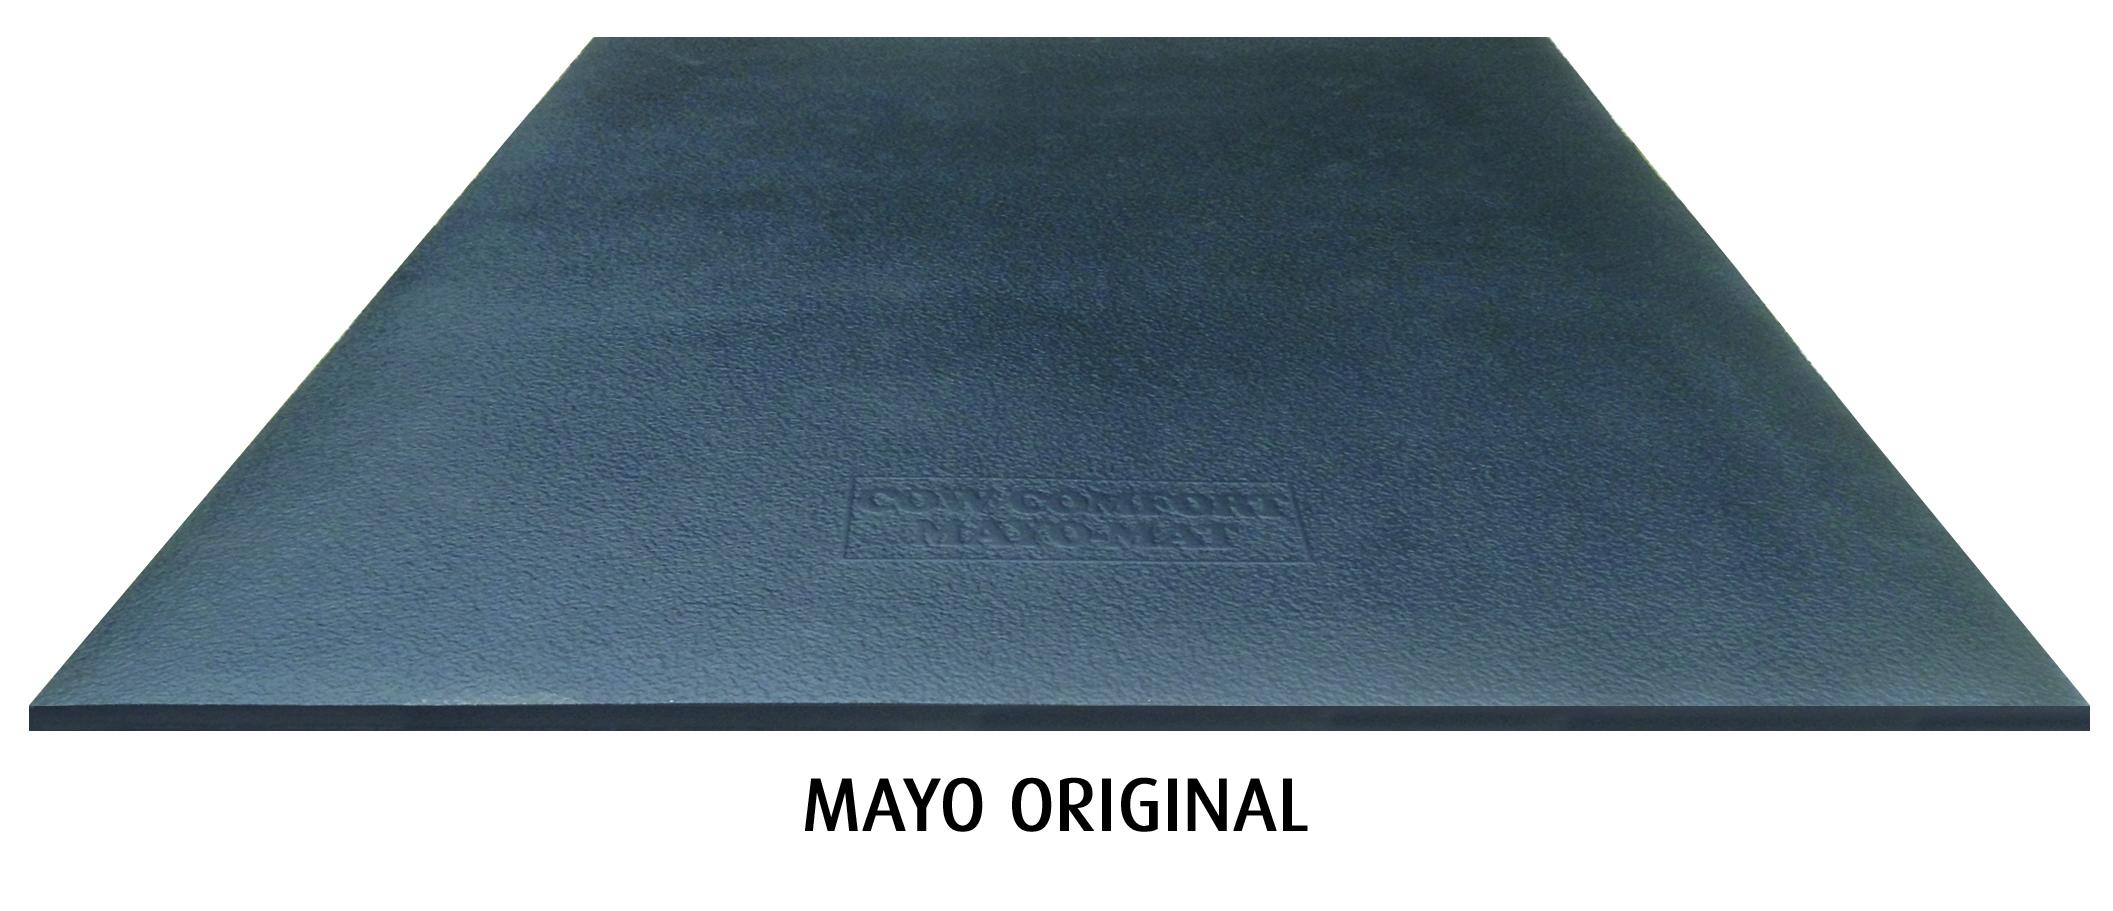 The original mayo mattress